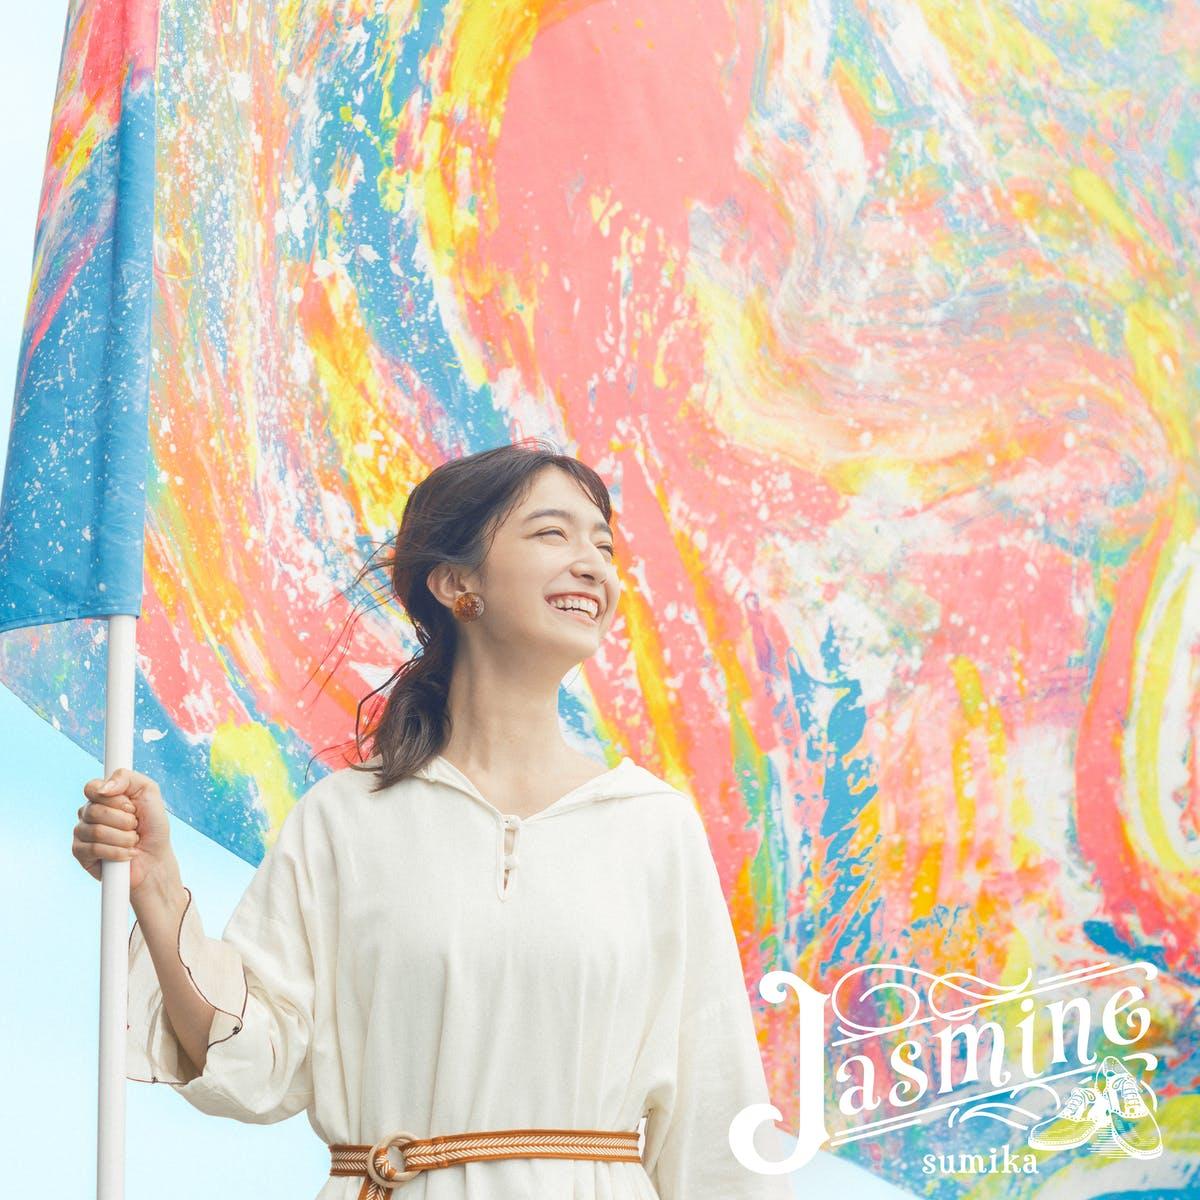 『sumika - Jasmine』収録の『Jasmine』ジャケット